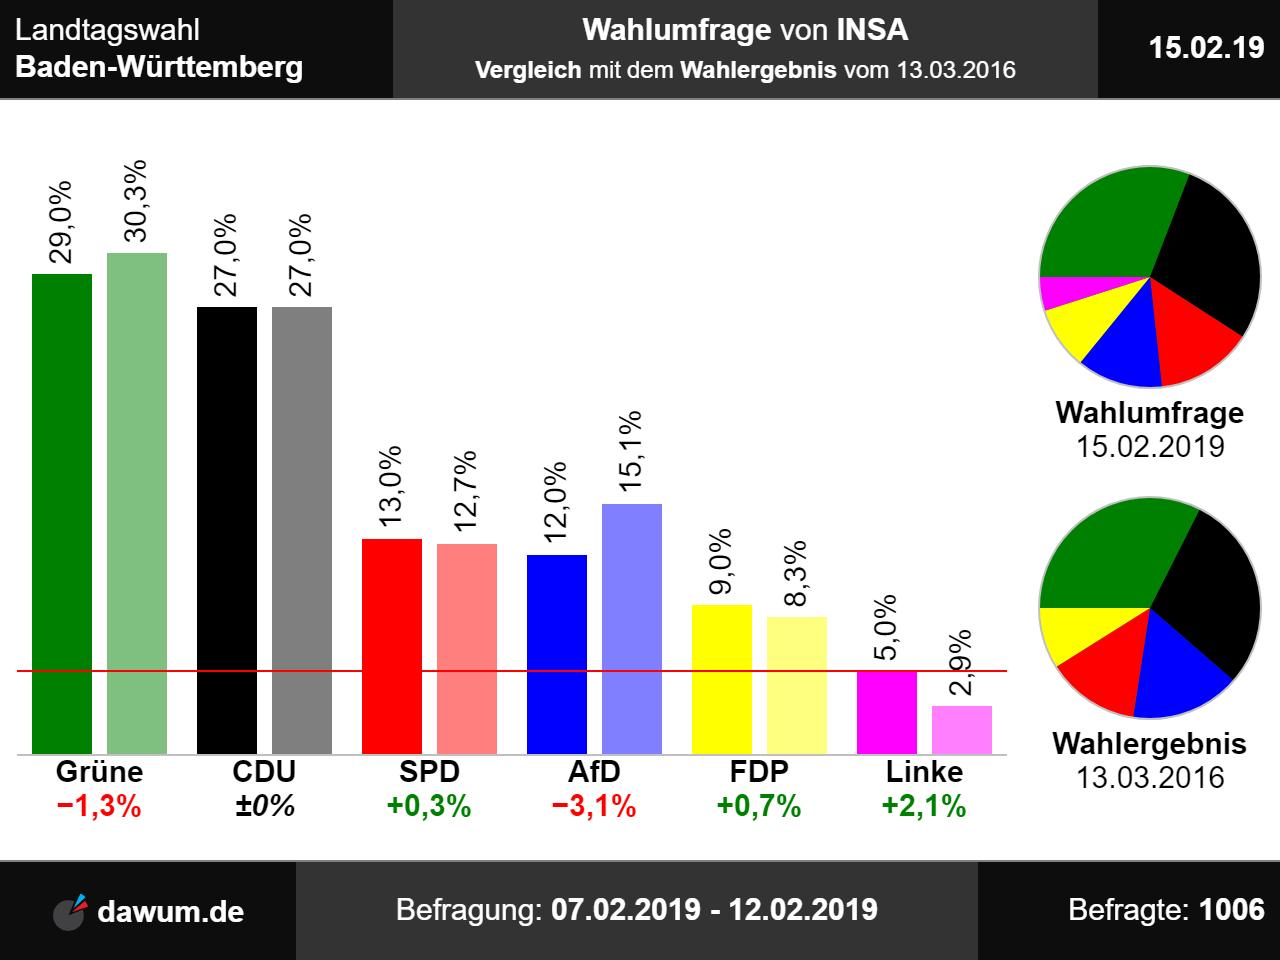 Bayern Wahl Prognose 2021